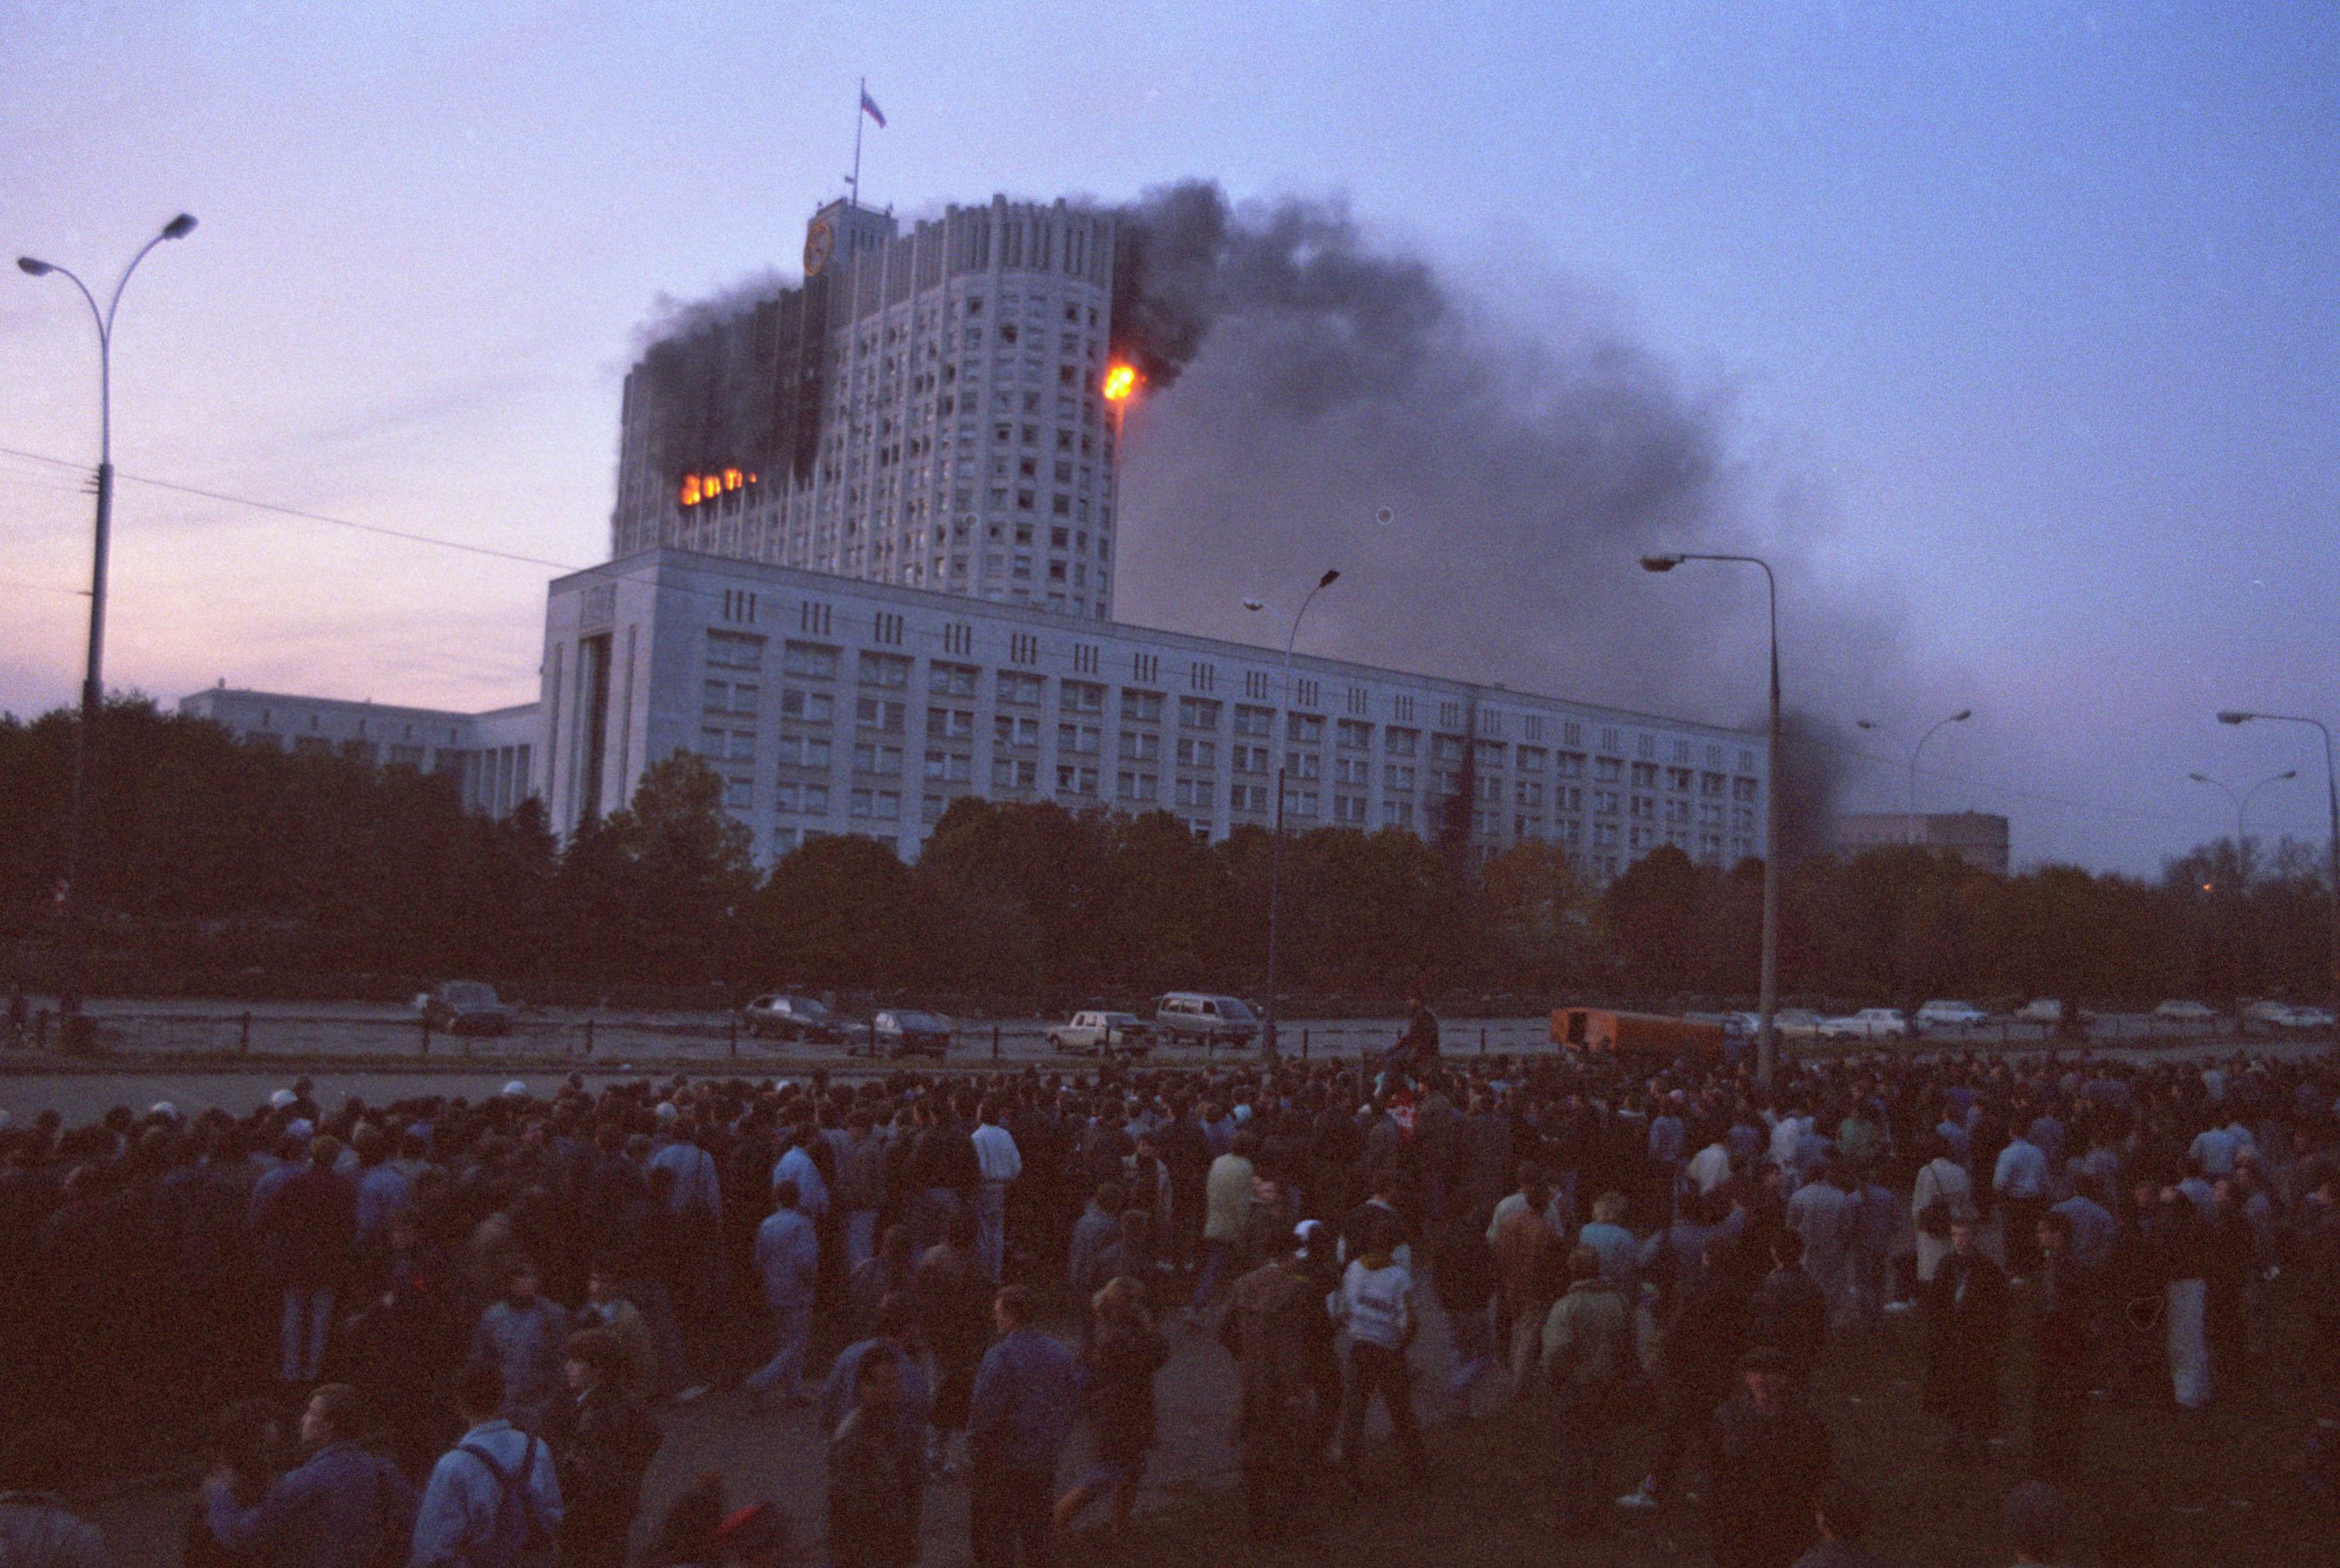 Конфликт двух ветвей российской власти, происходивший 21 сентября — 4 октября 1993 года, привел к насильственному прекращению полномочий Верховного Совета России и сопровождался вооружёнными столкновениями на улицах Москвы.